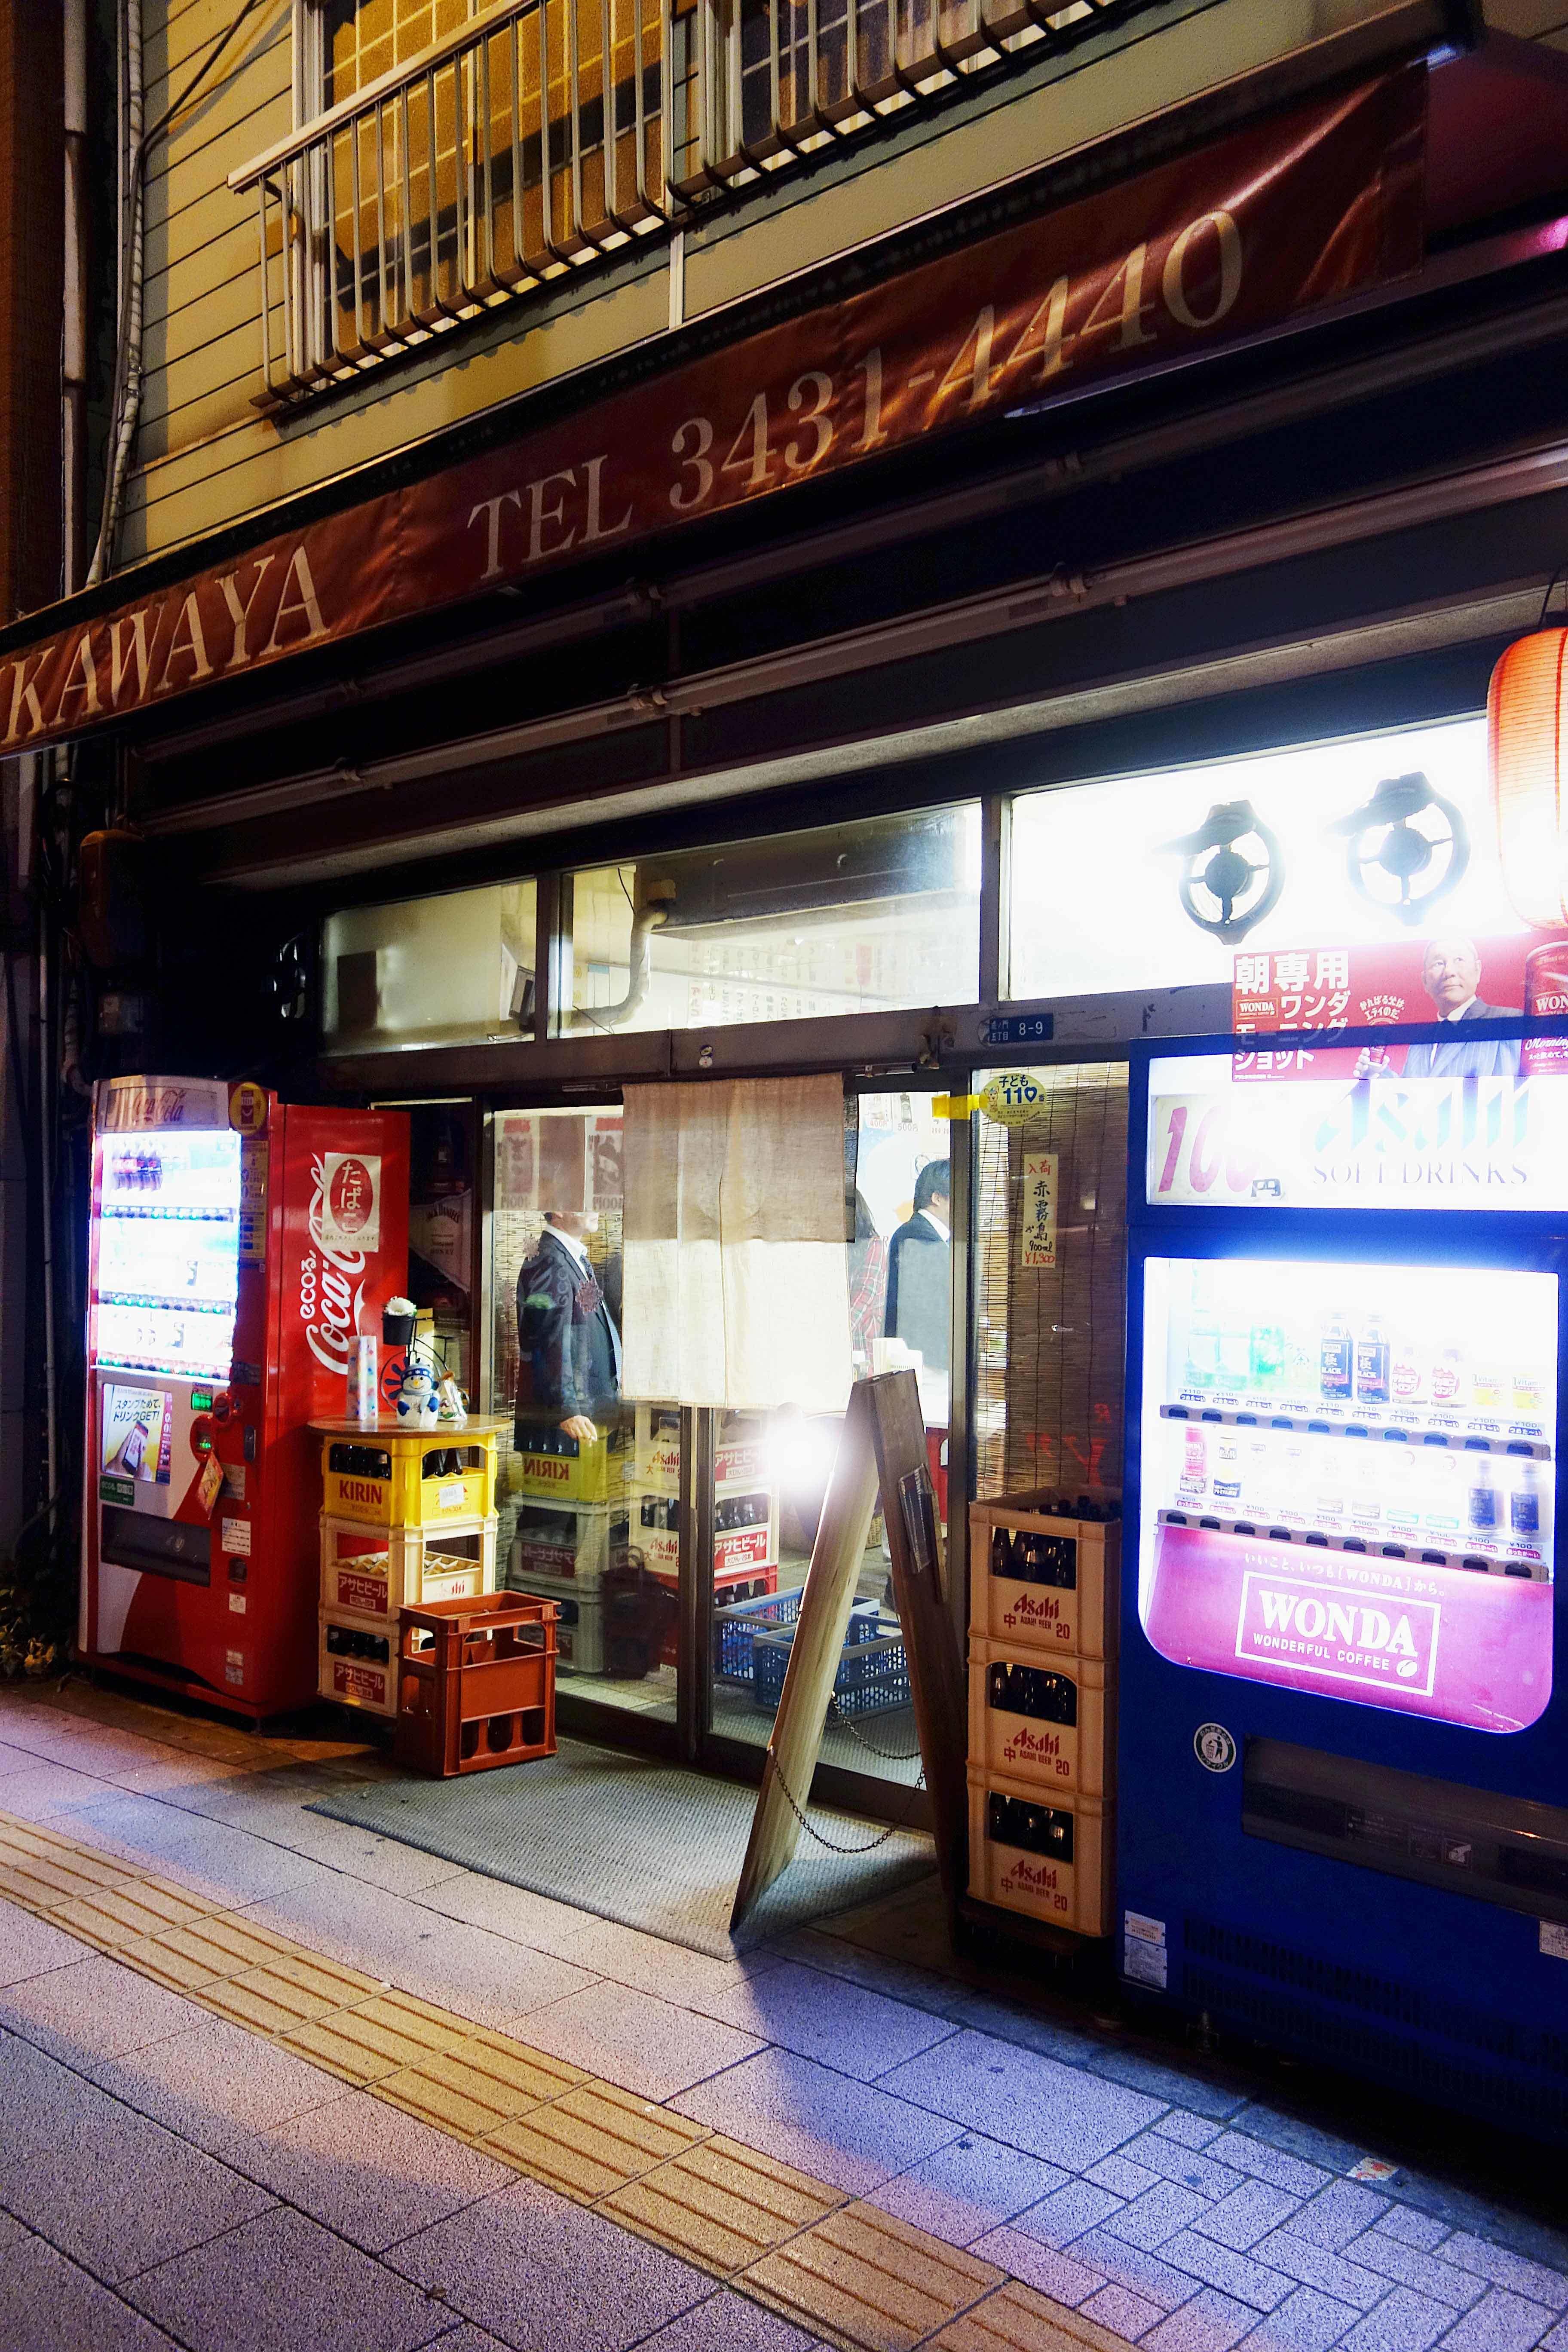 神谷町の角打ちオアシスで、ナポリタンをつまみに一杯 - 居酒屋、バー